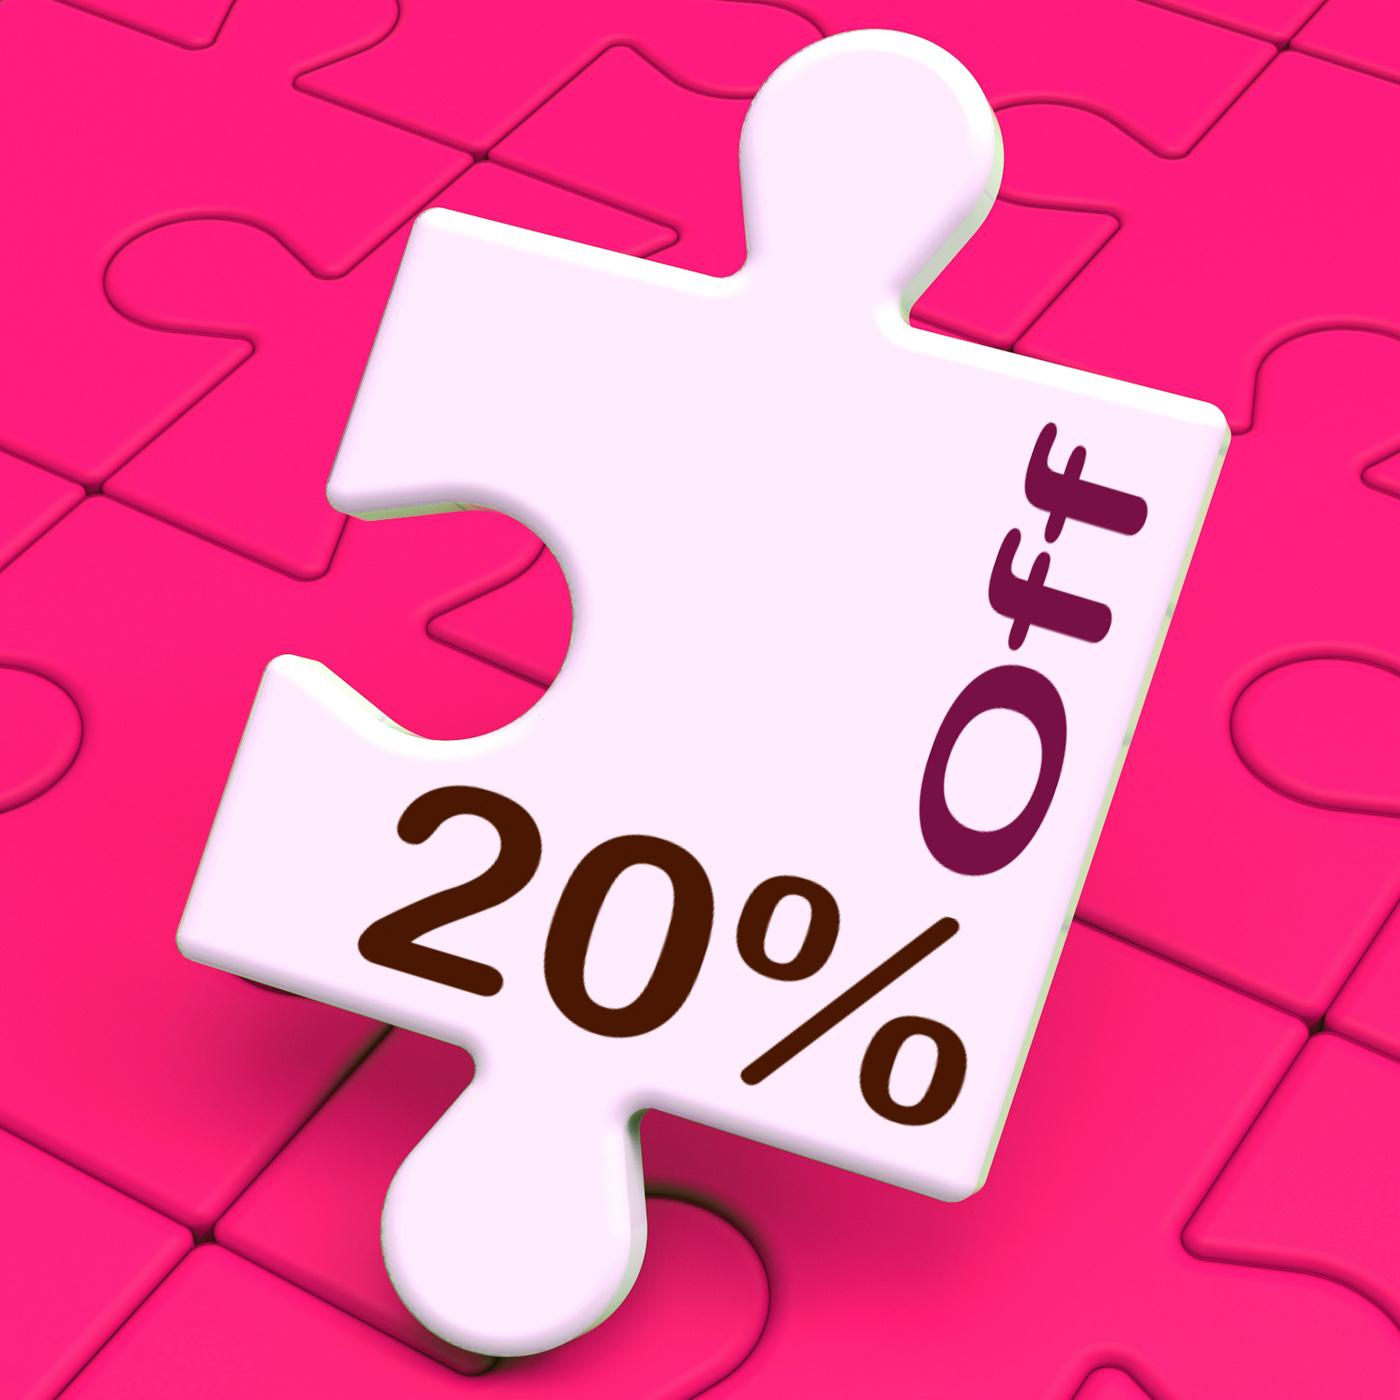 Twenty percent off puzzle means discount or sale 20 photo